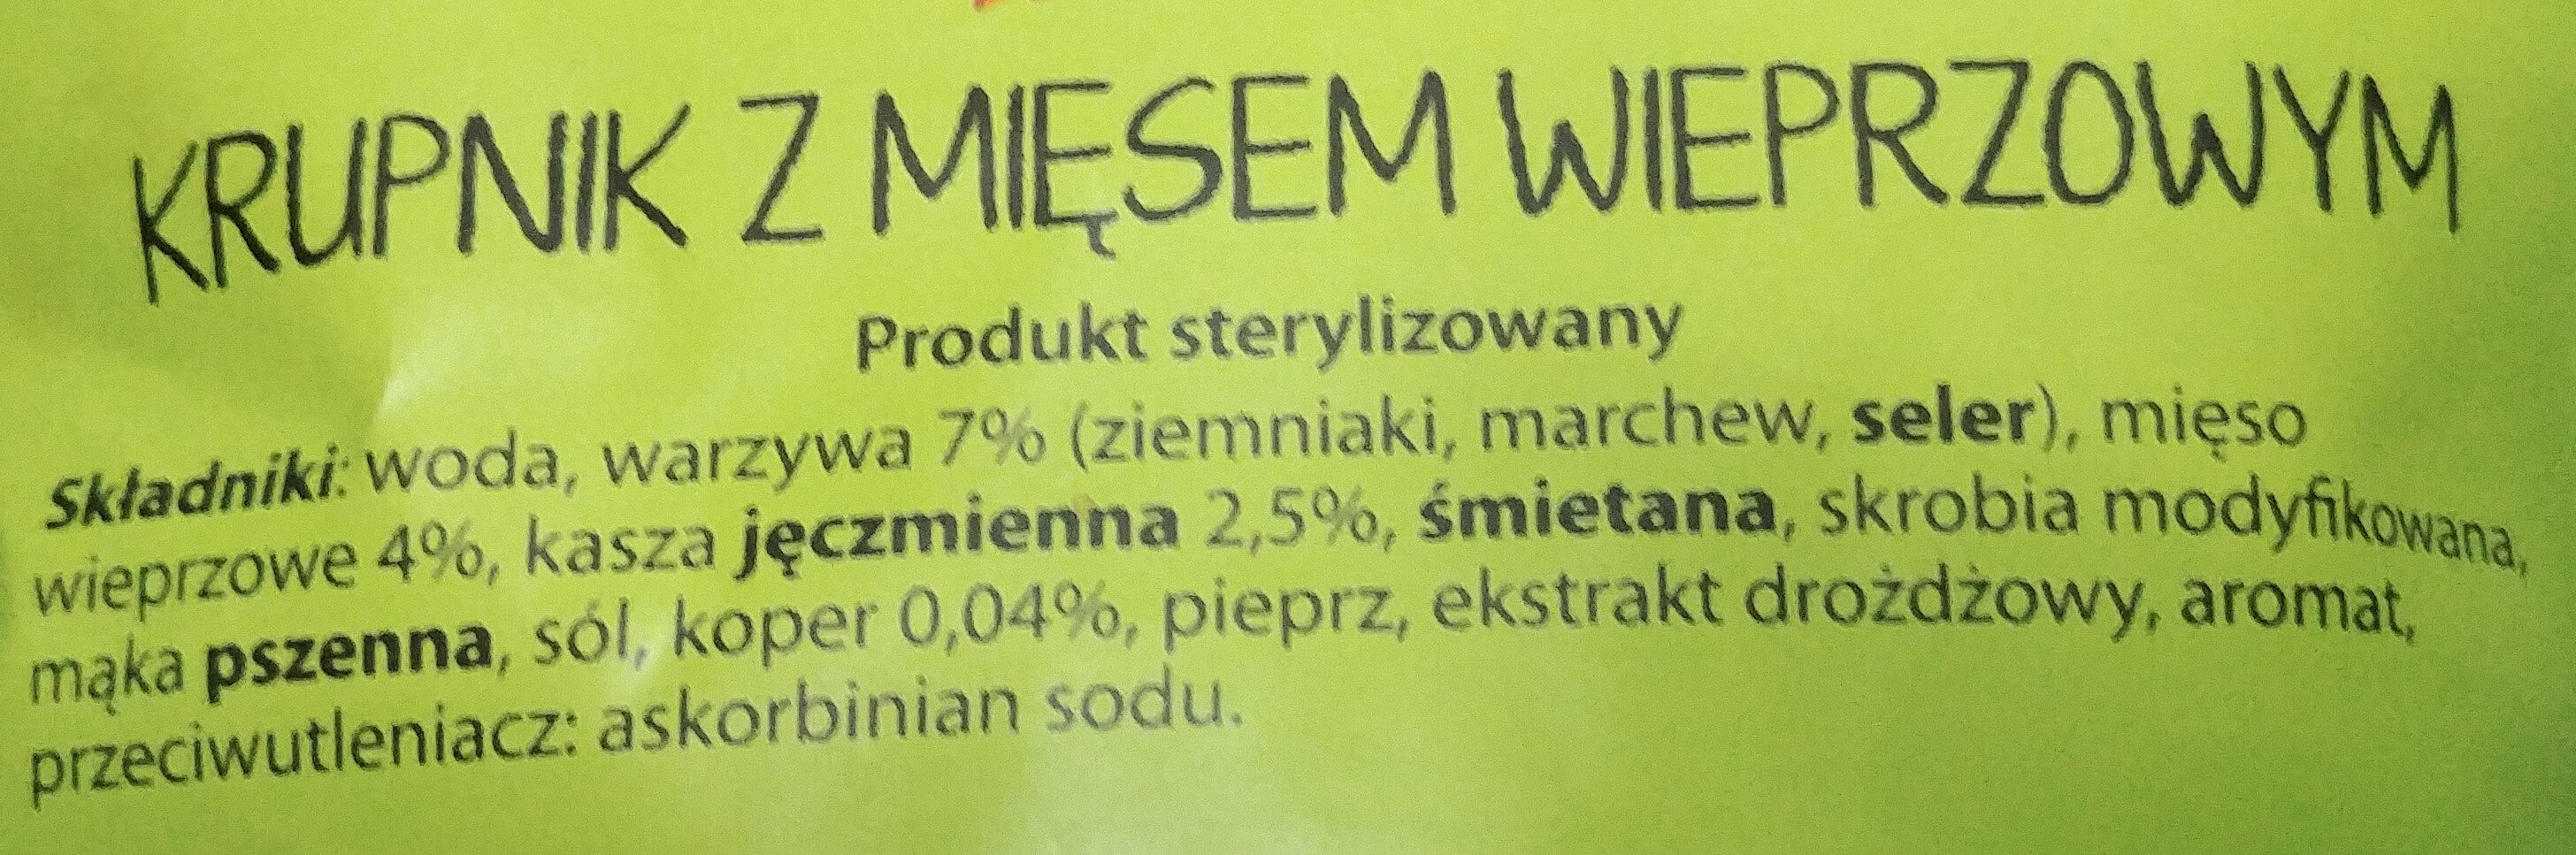 Krupnik z mięsem wieprzowym - Składniki - pl